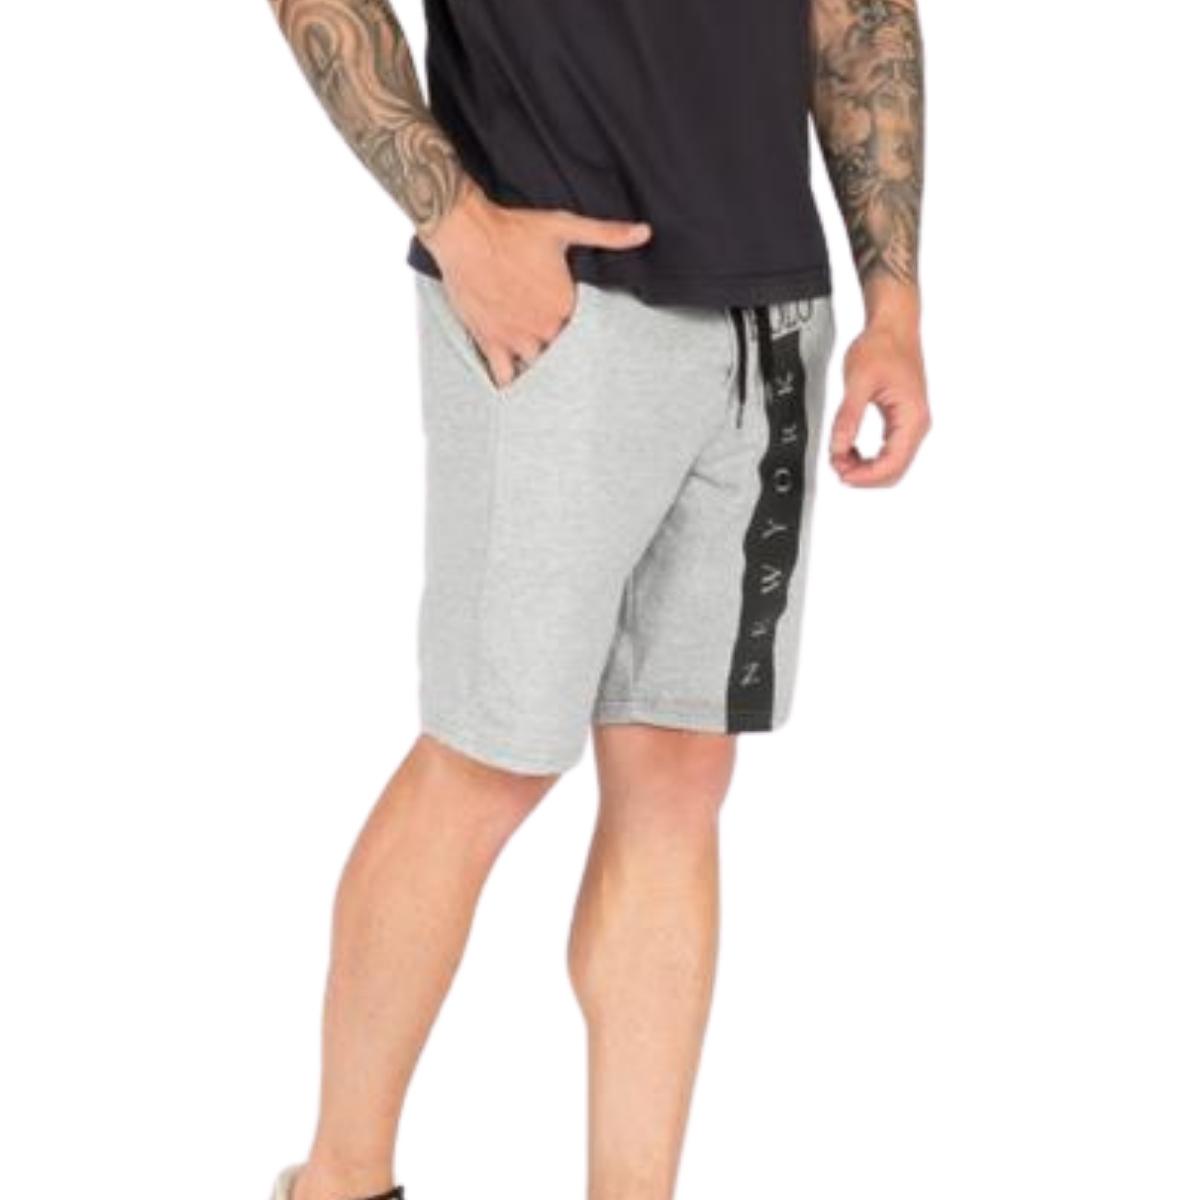 Kit com Bermudas Masculinas e Camiseta